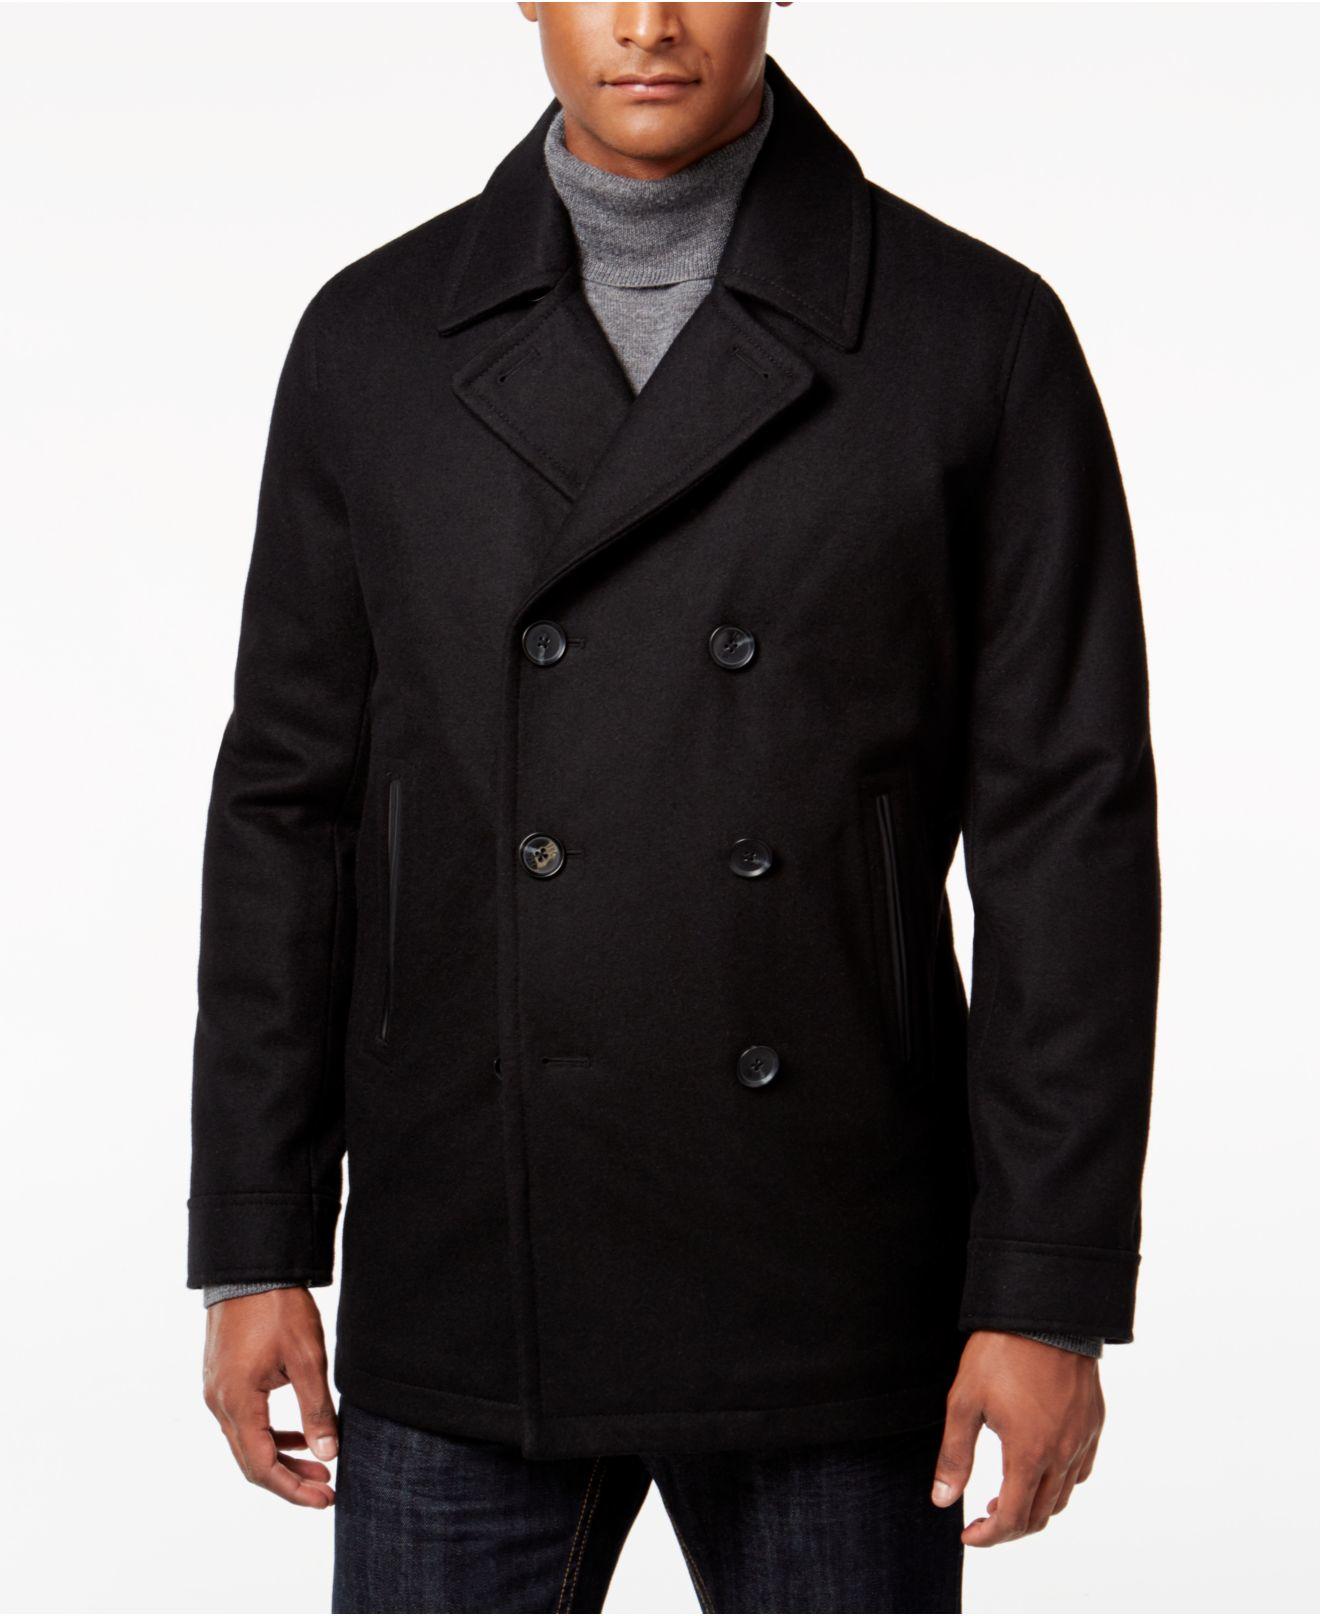 6040 CottonPolyester Twill Battle Coats BDU